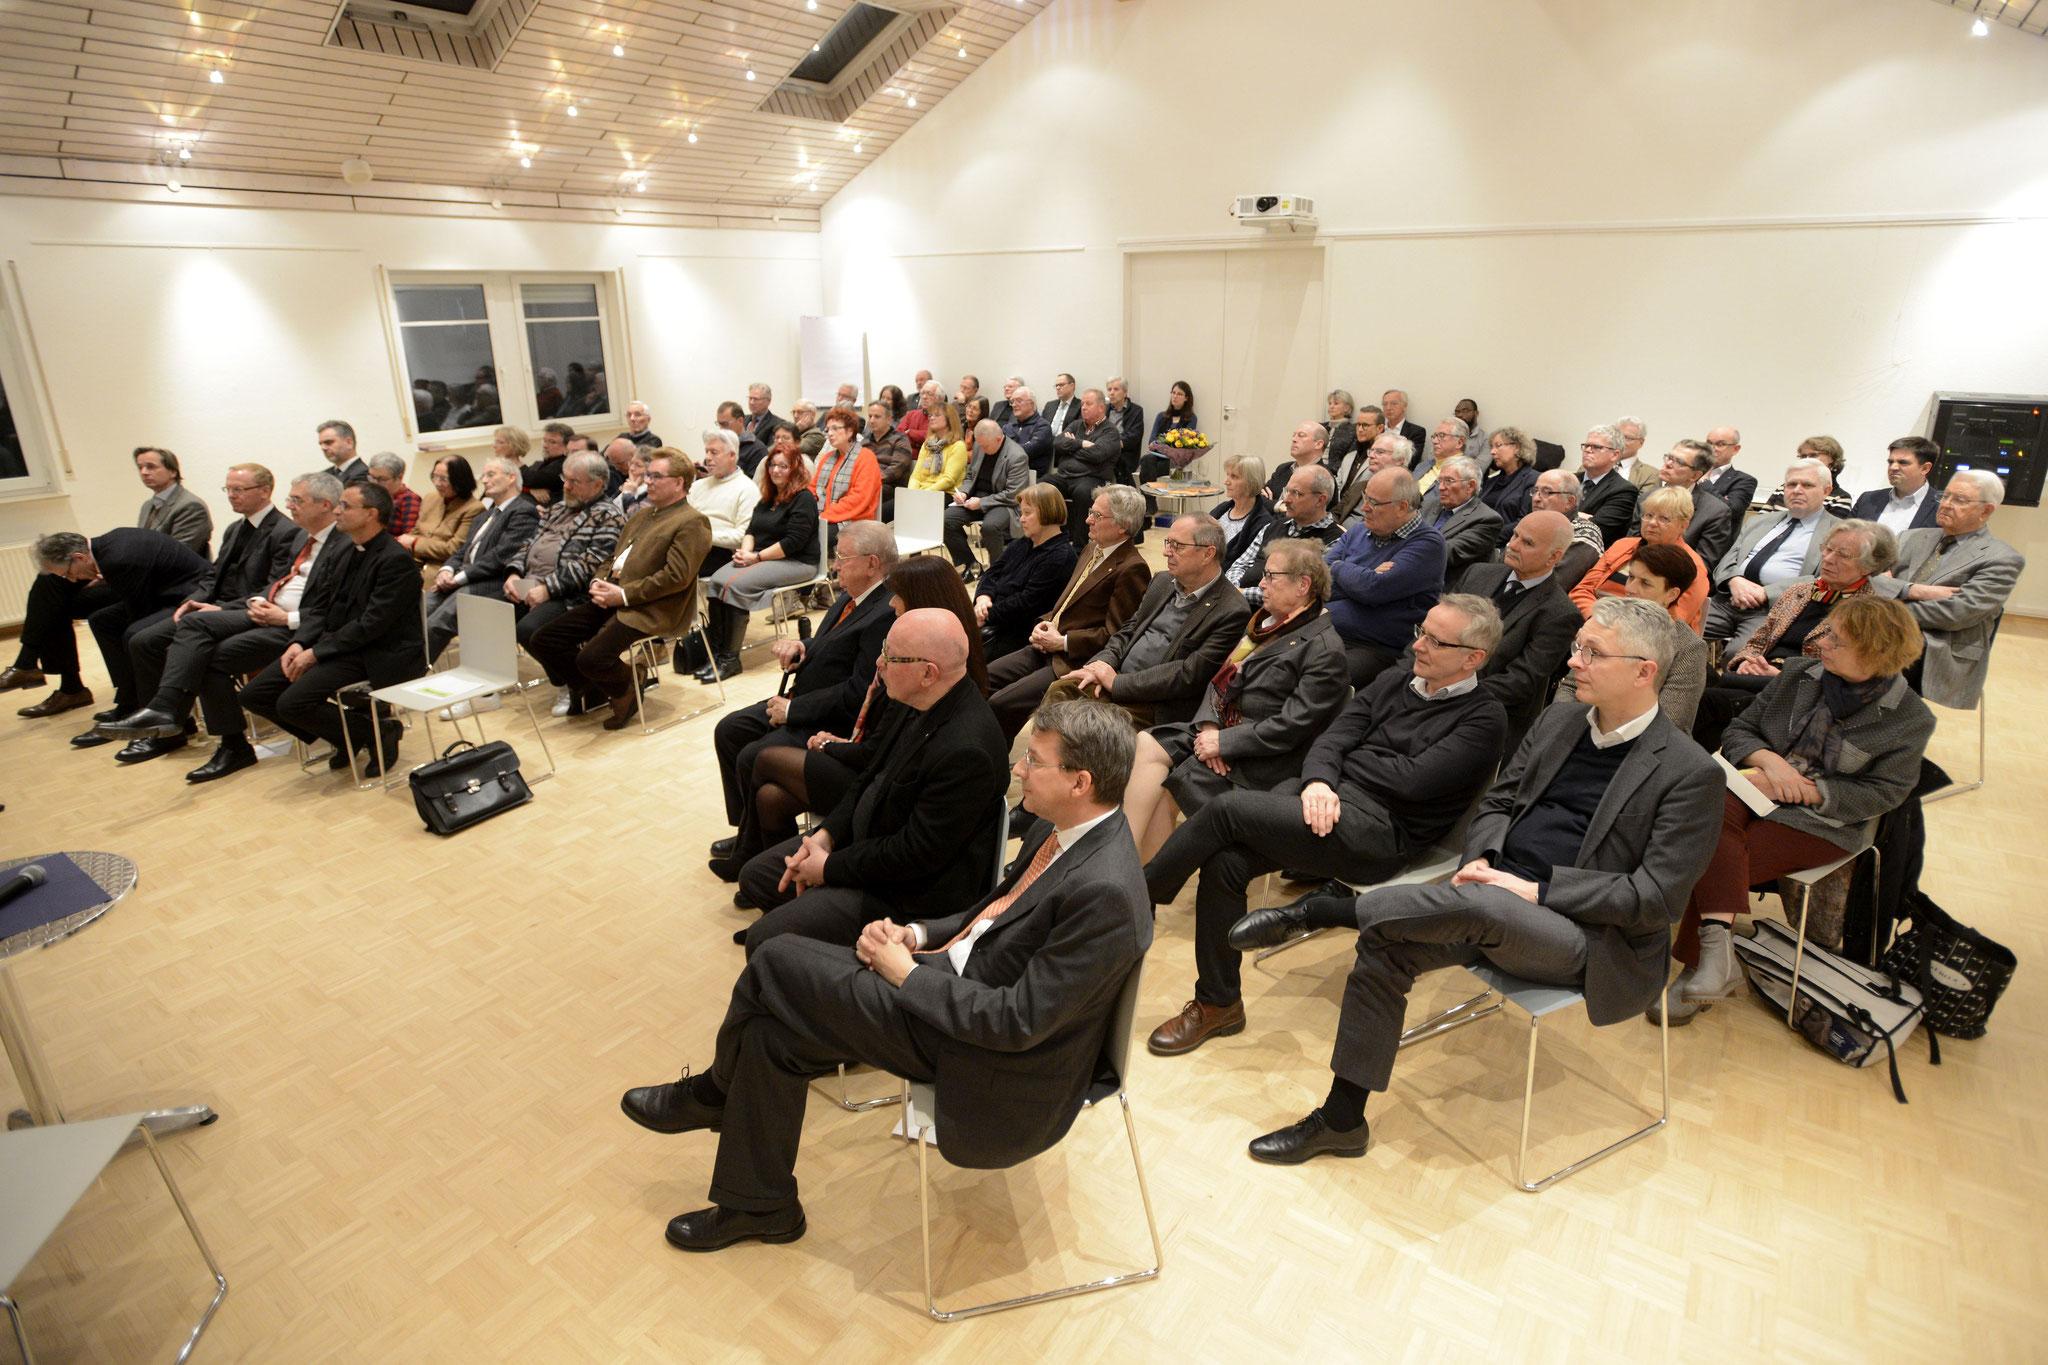 . . . zieht damit das Auditorium in seinem Bann. Bild Copyright Helmut G. Roos